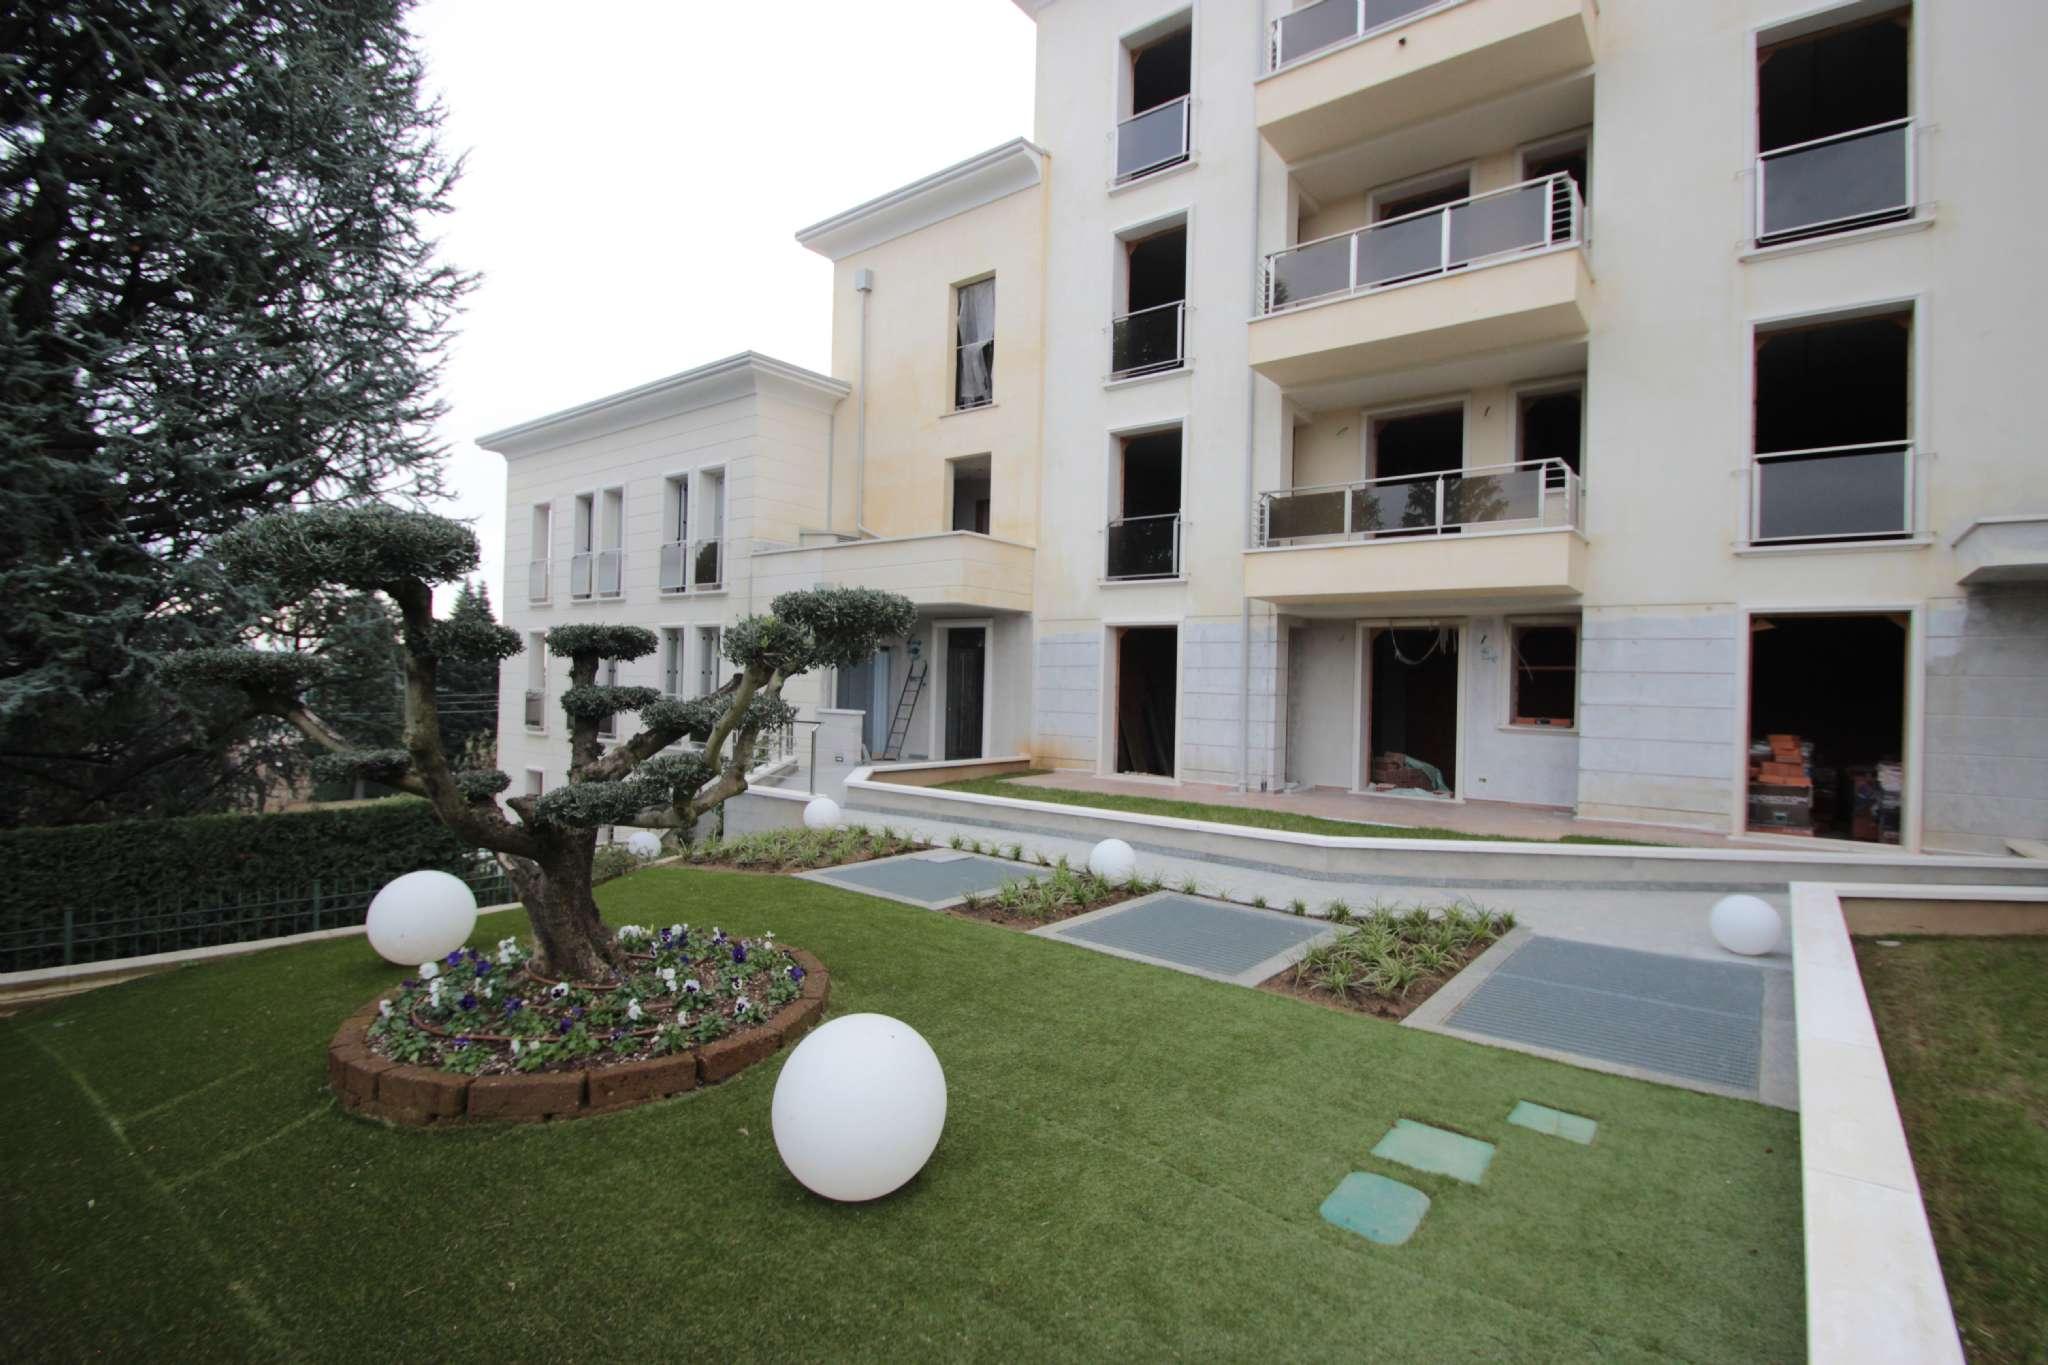 Appartamento in vendita a Casatenovo, 4 locali, prezzo € 330.000 | PortaleAgenzieImmobiliari.it